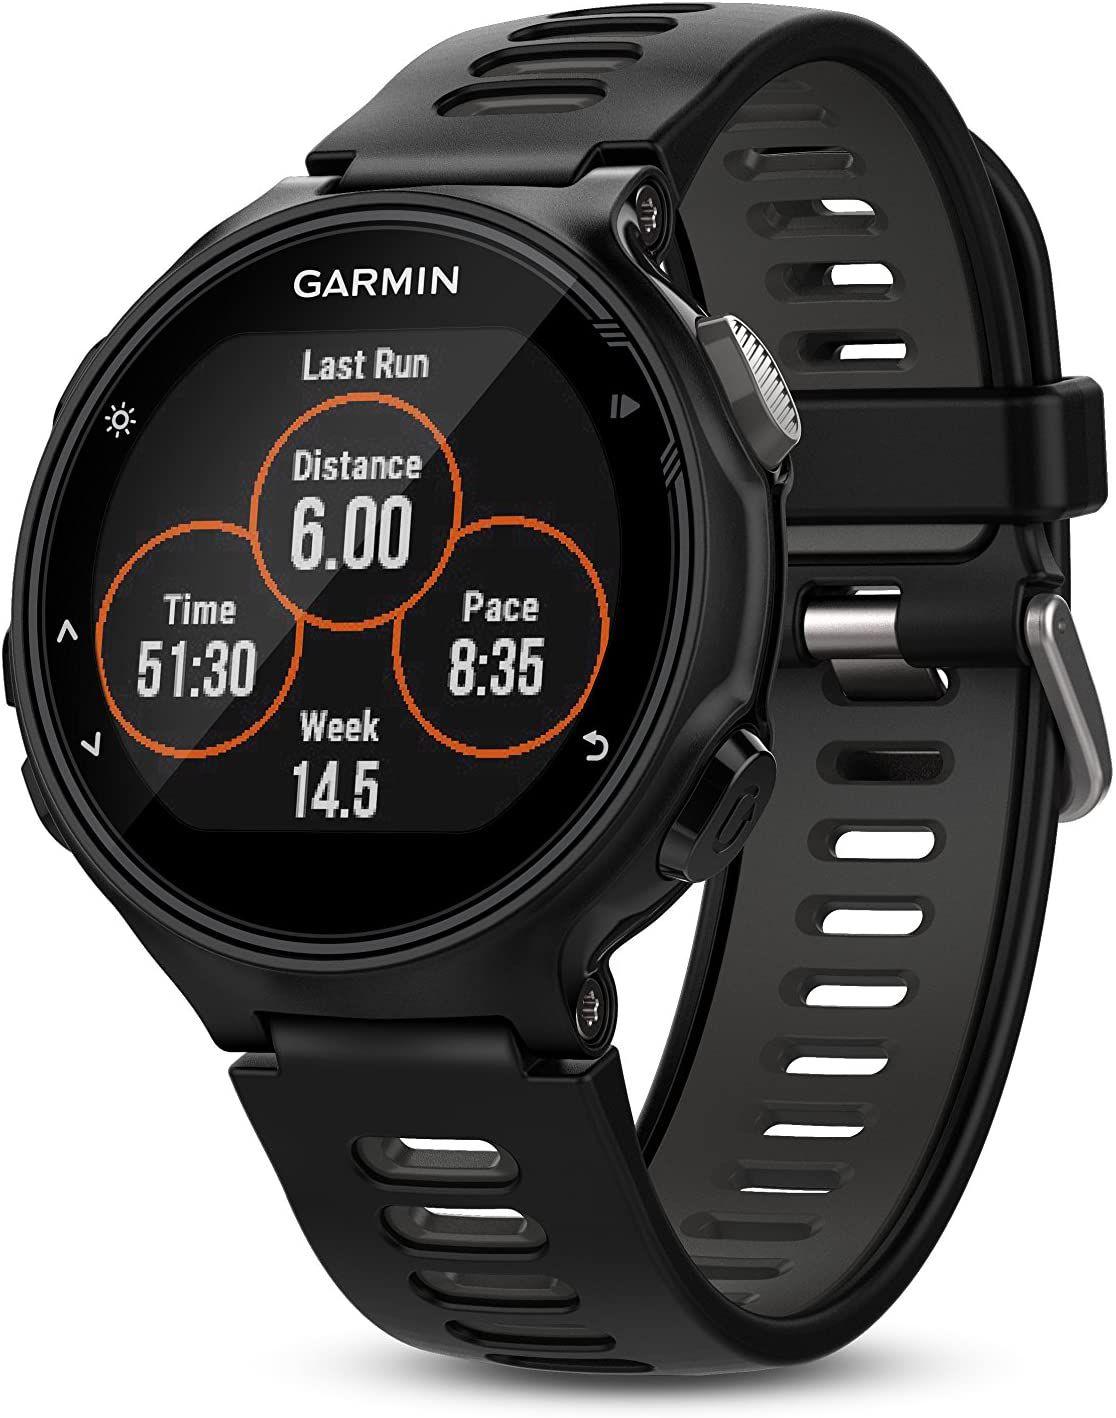 Garmin Forerunner 735XT Smart Watch